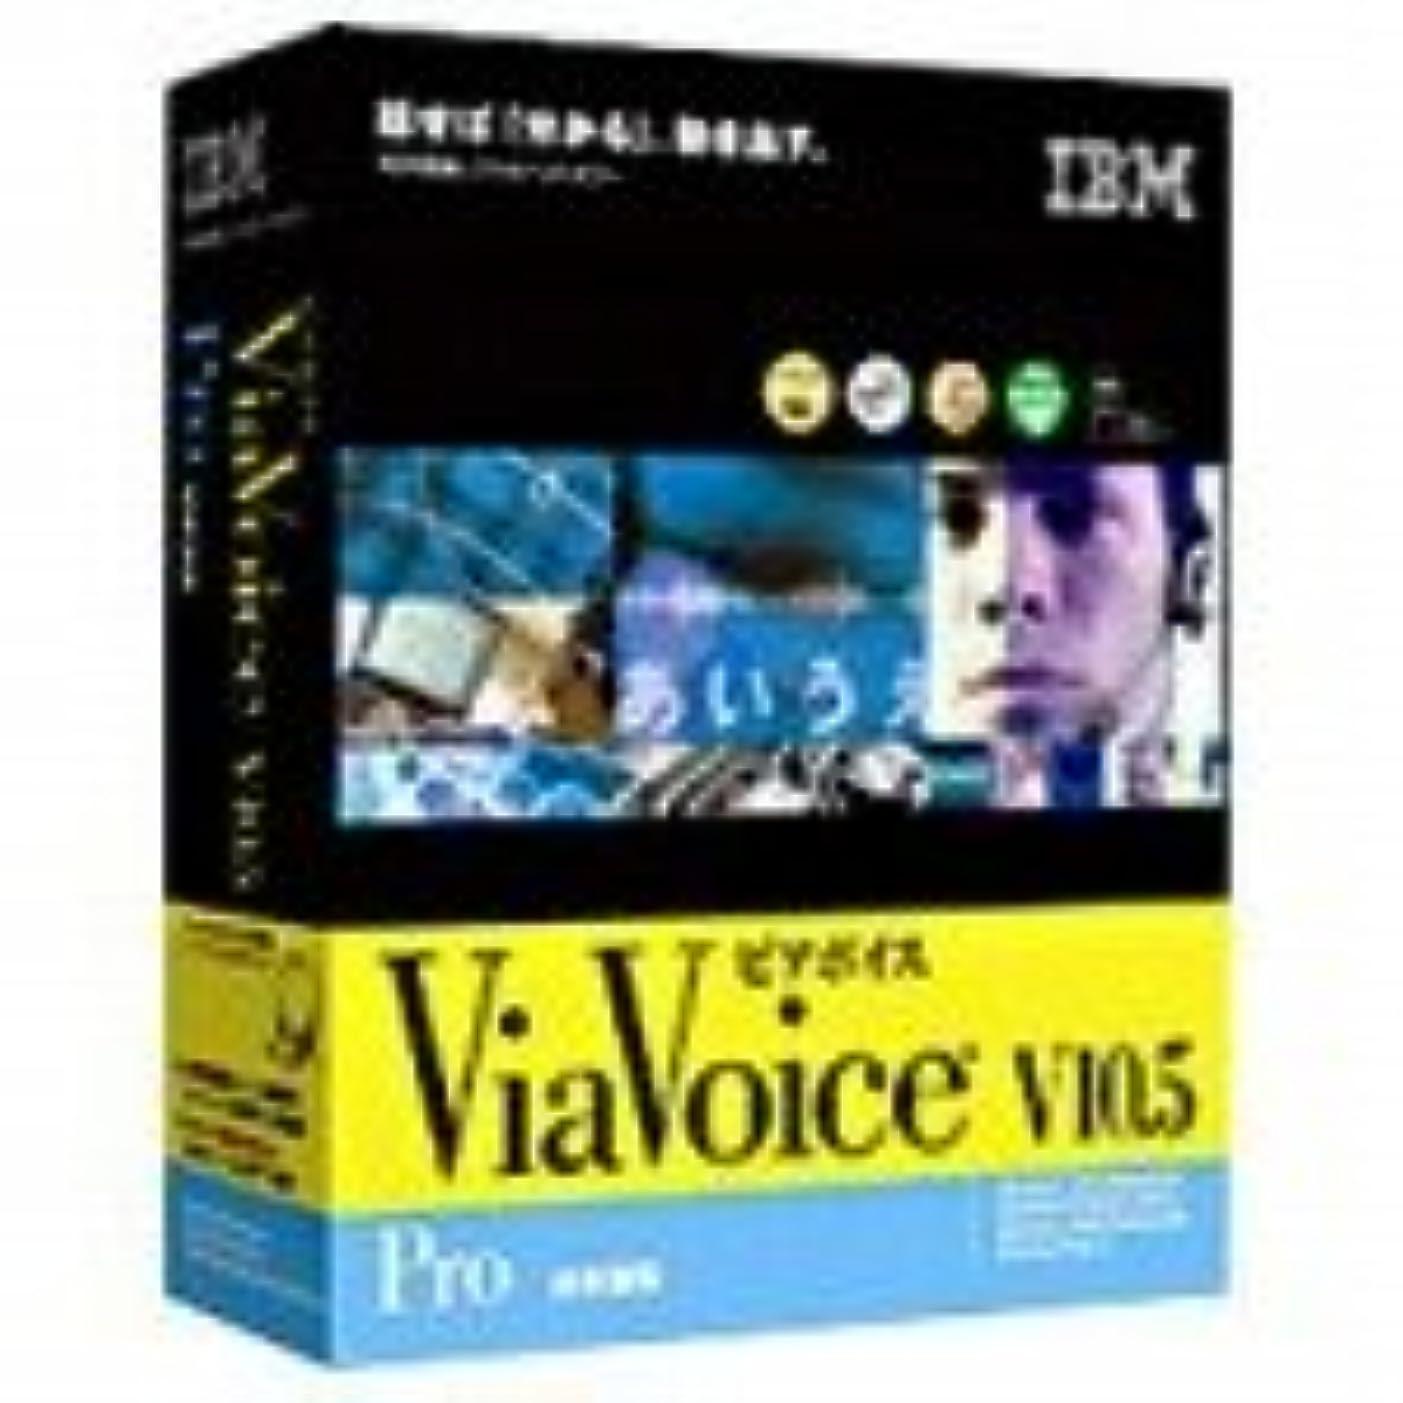 一瞬ショート熱ViaVoice for Windows V10.5 Pro 日本語版